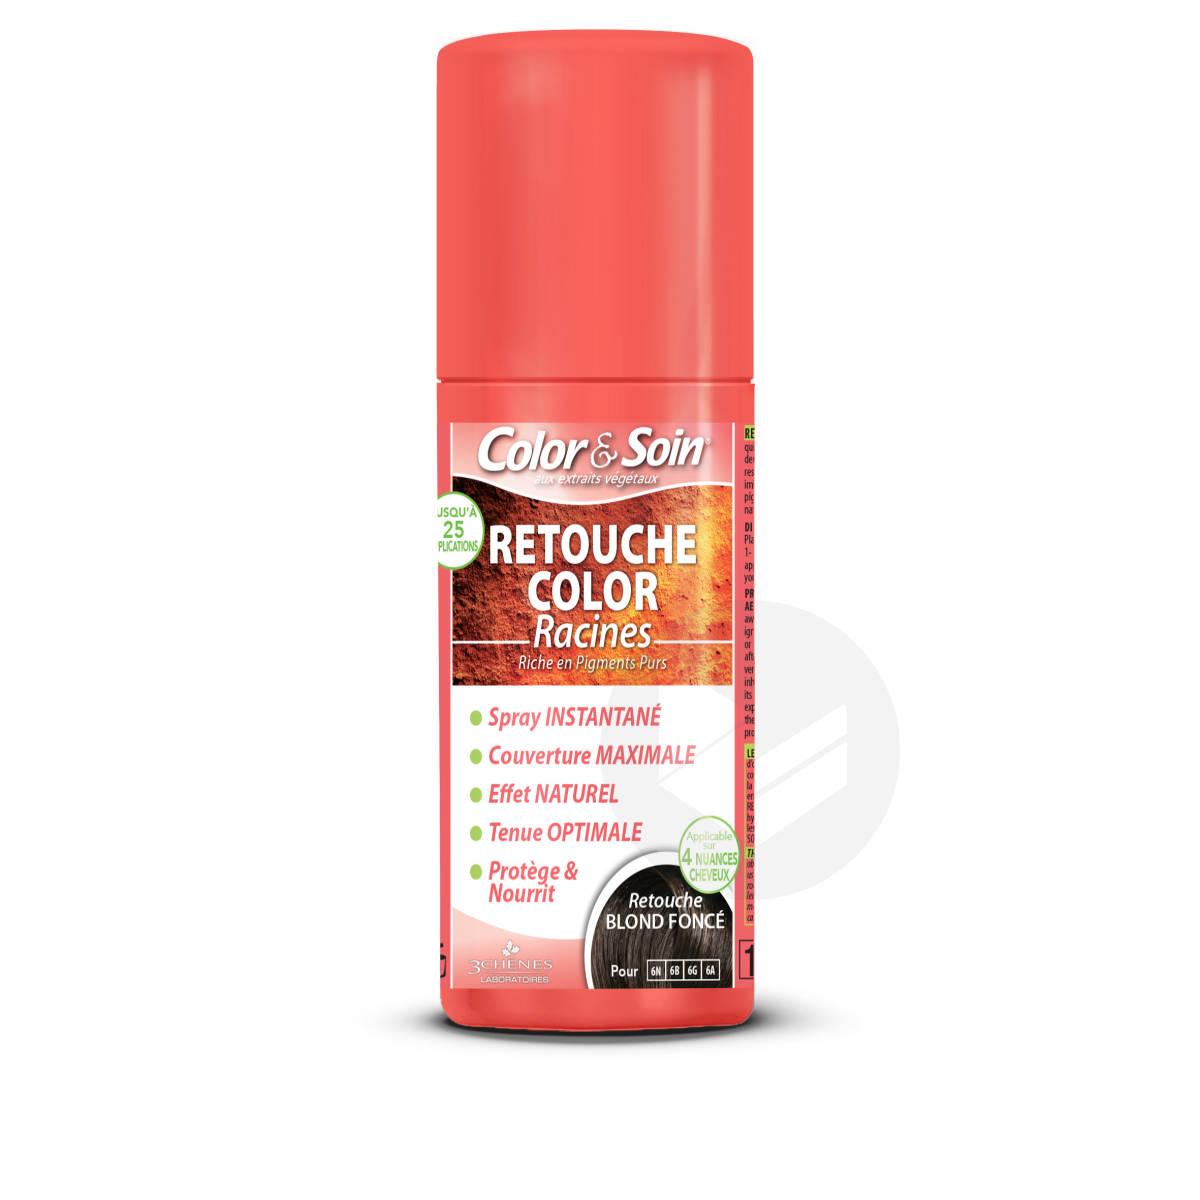 Retouche Color Blond Fonce 75 Ml